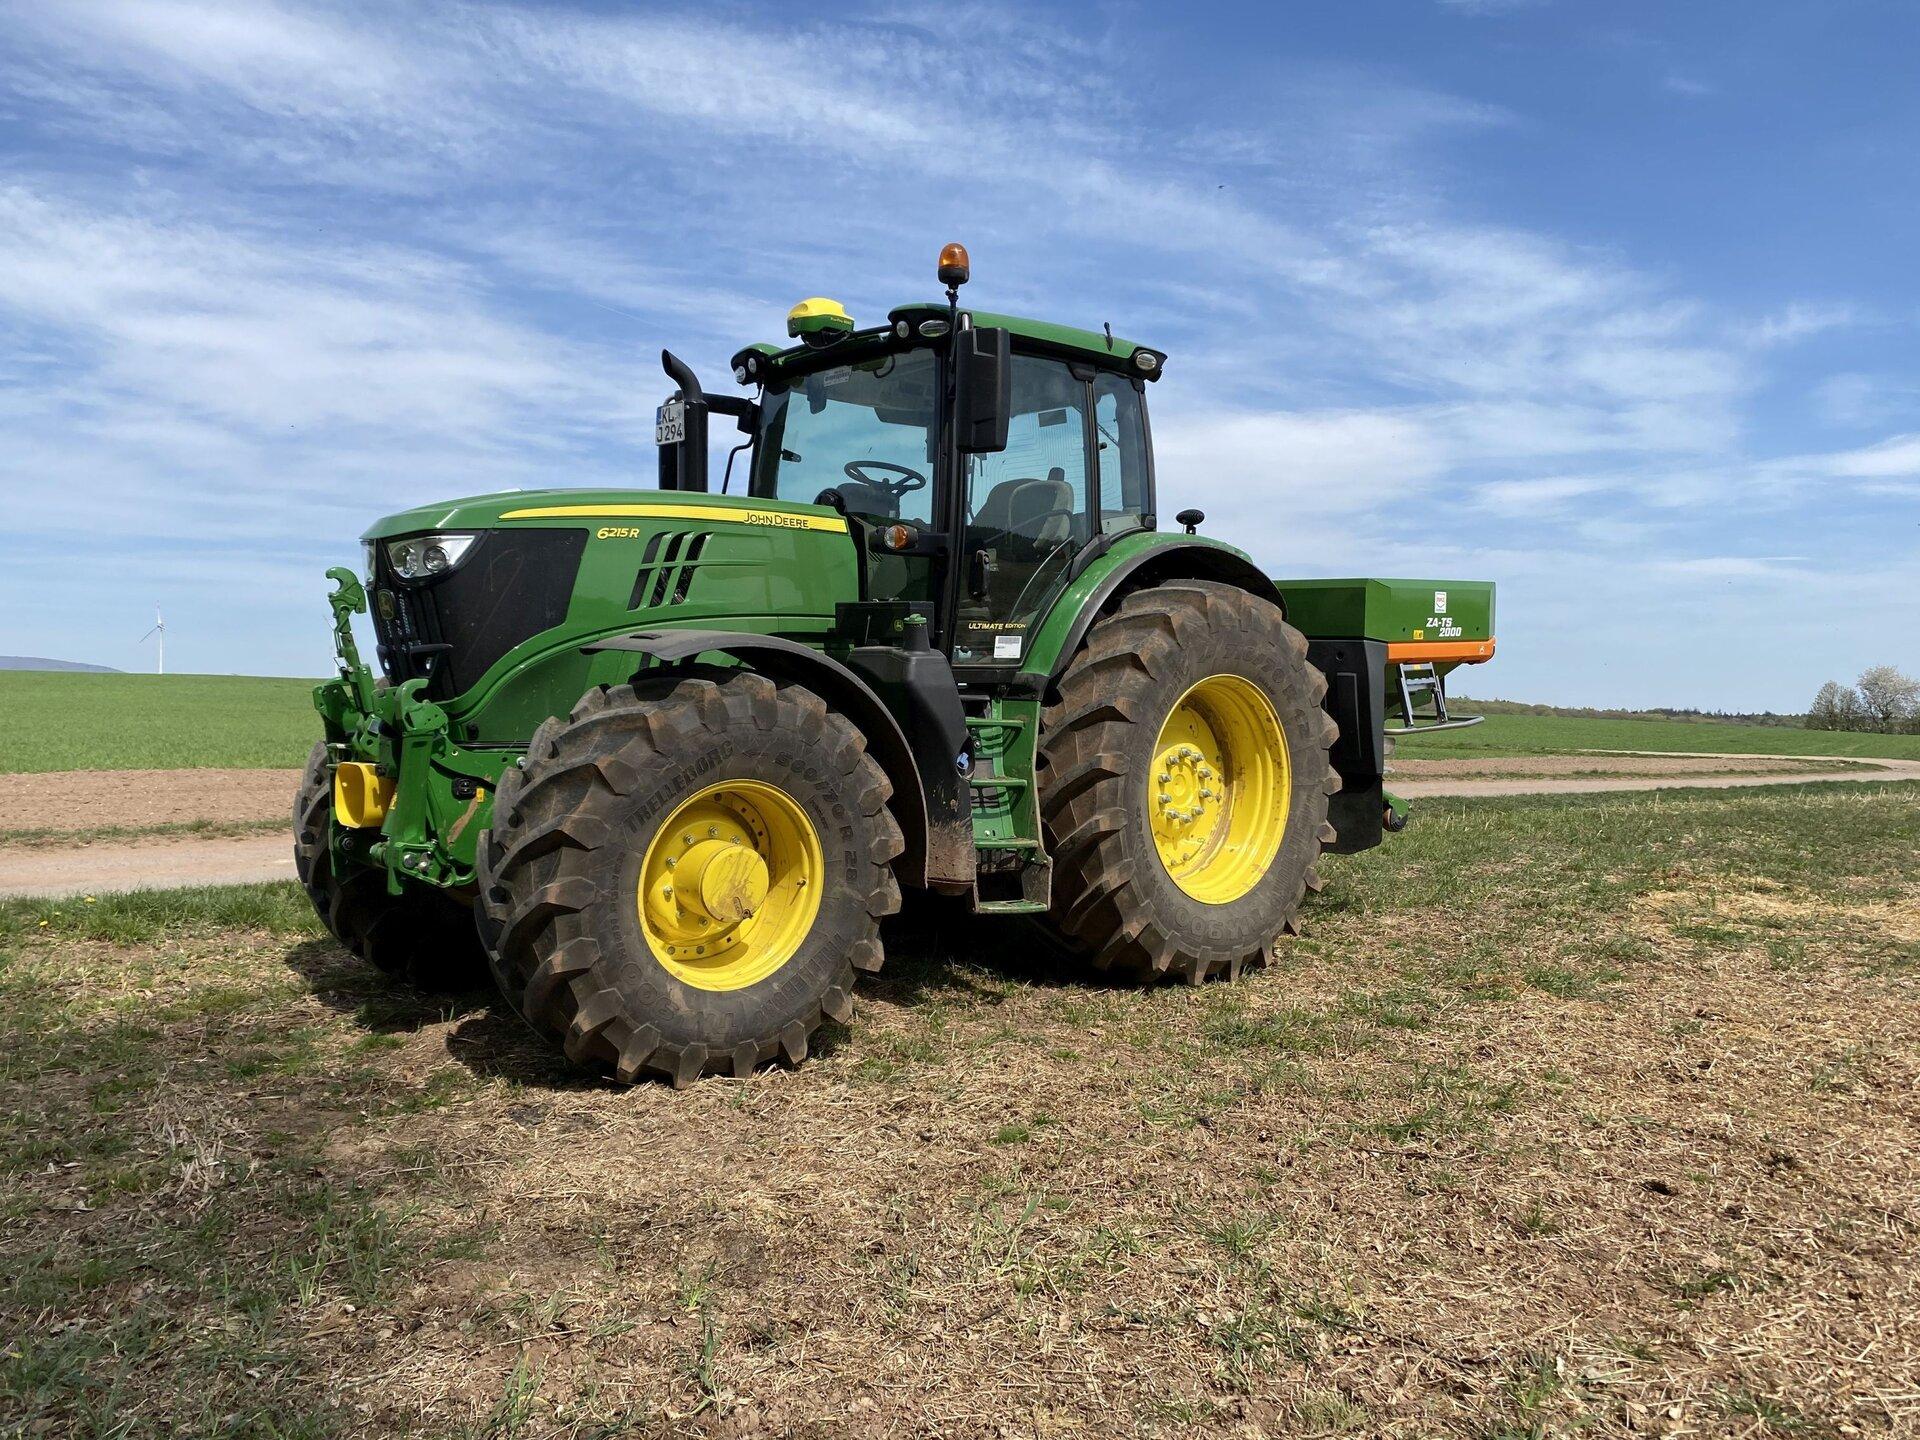 Traktor Passgenaue Düngung mithilfe von Sensortechnik